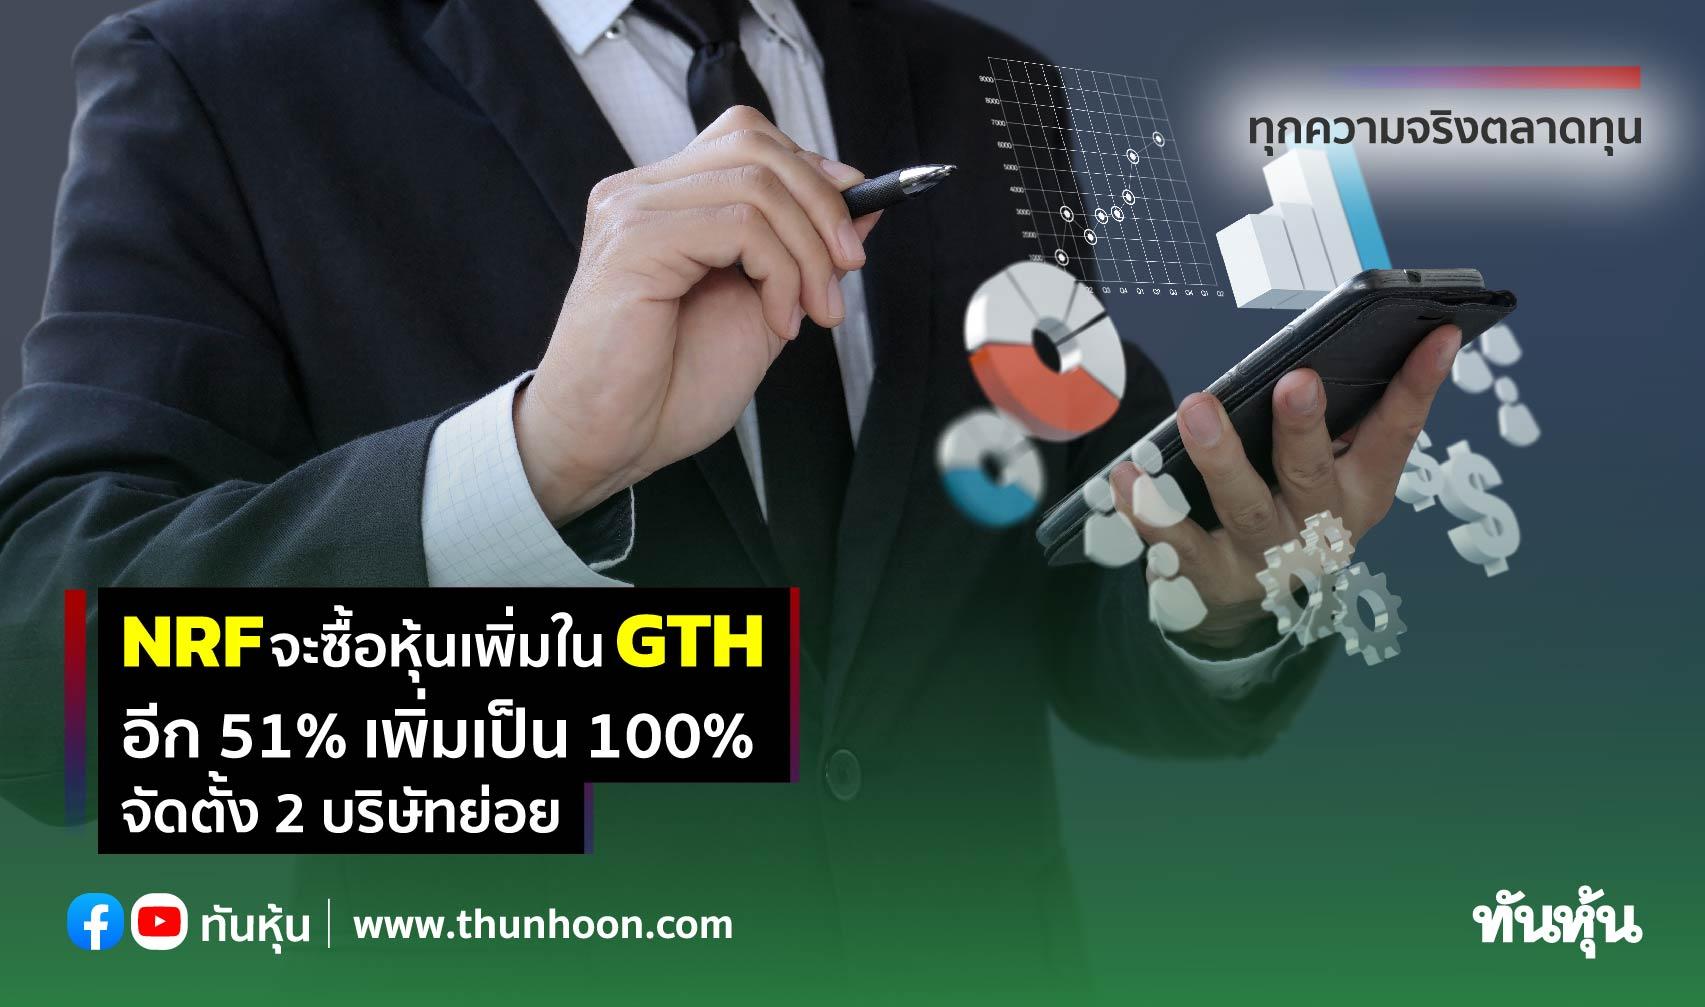 NRF จะซื้อหุ้นเพิ่มใน GTH อีก 51% ถือเพิ่มเป็น 100%, จัดตั้ง 2 บริษัทย่อย